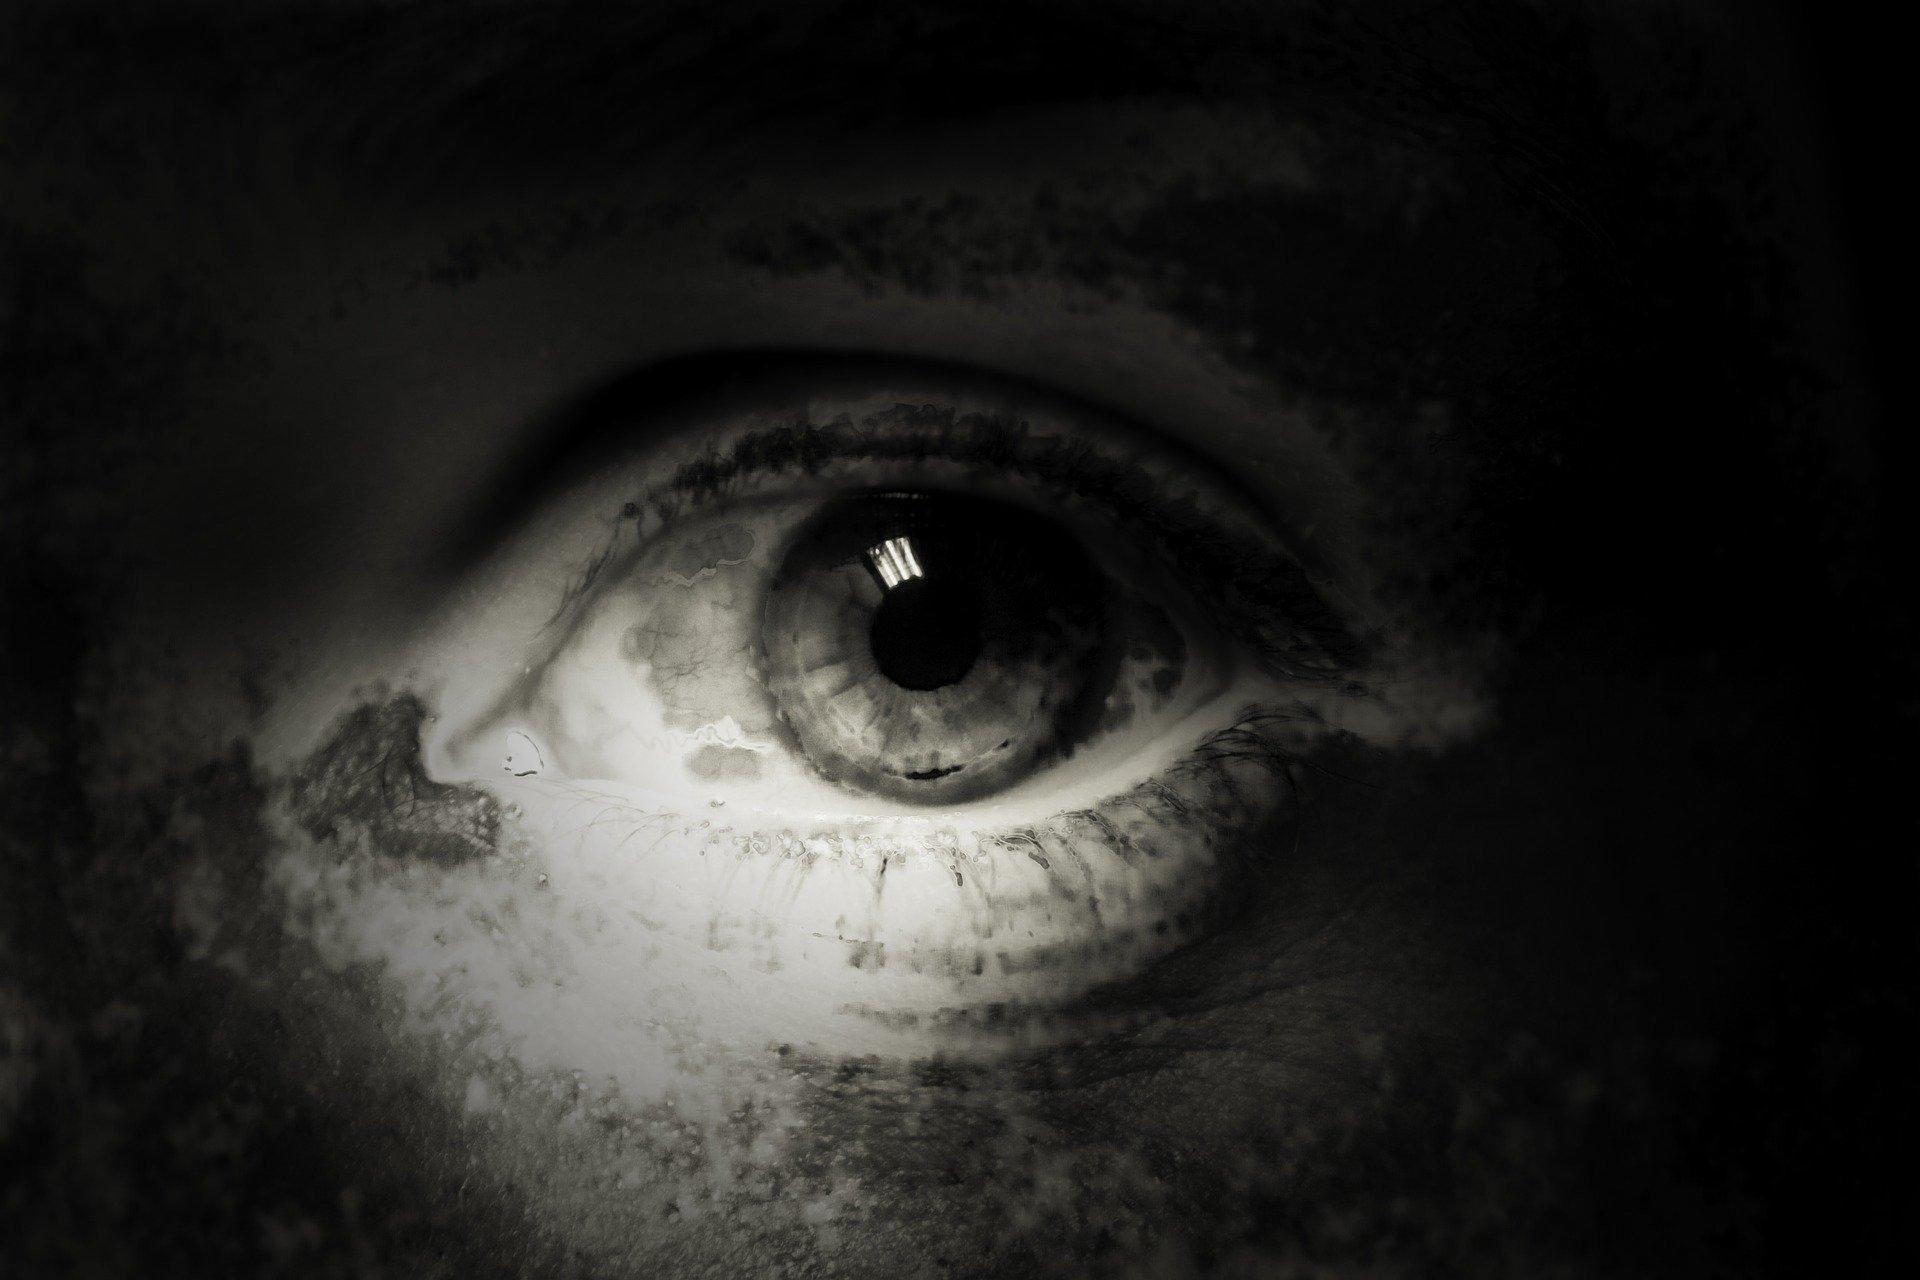 foto in bianco e nero, un occhio triste in primo piano